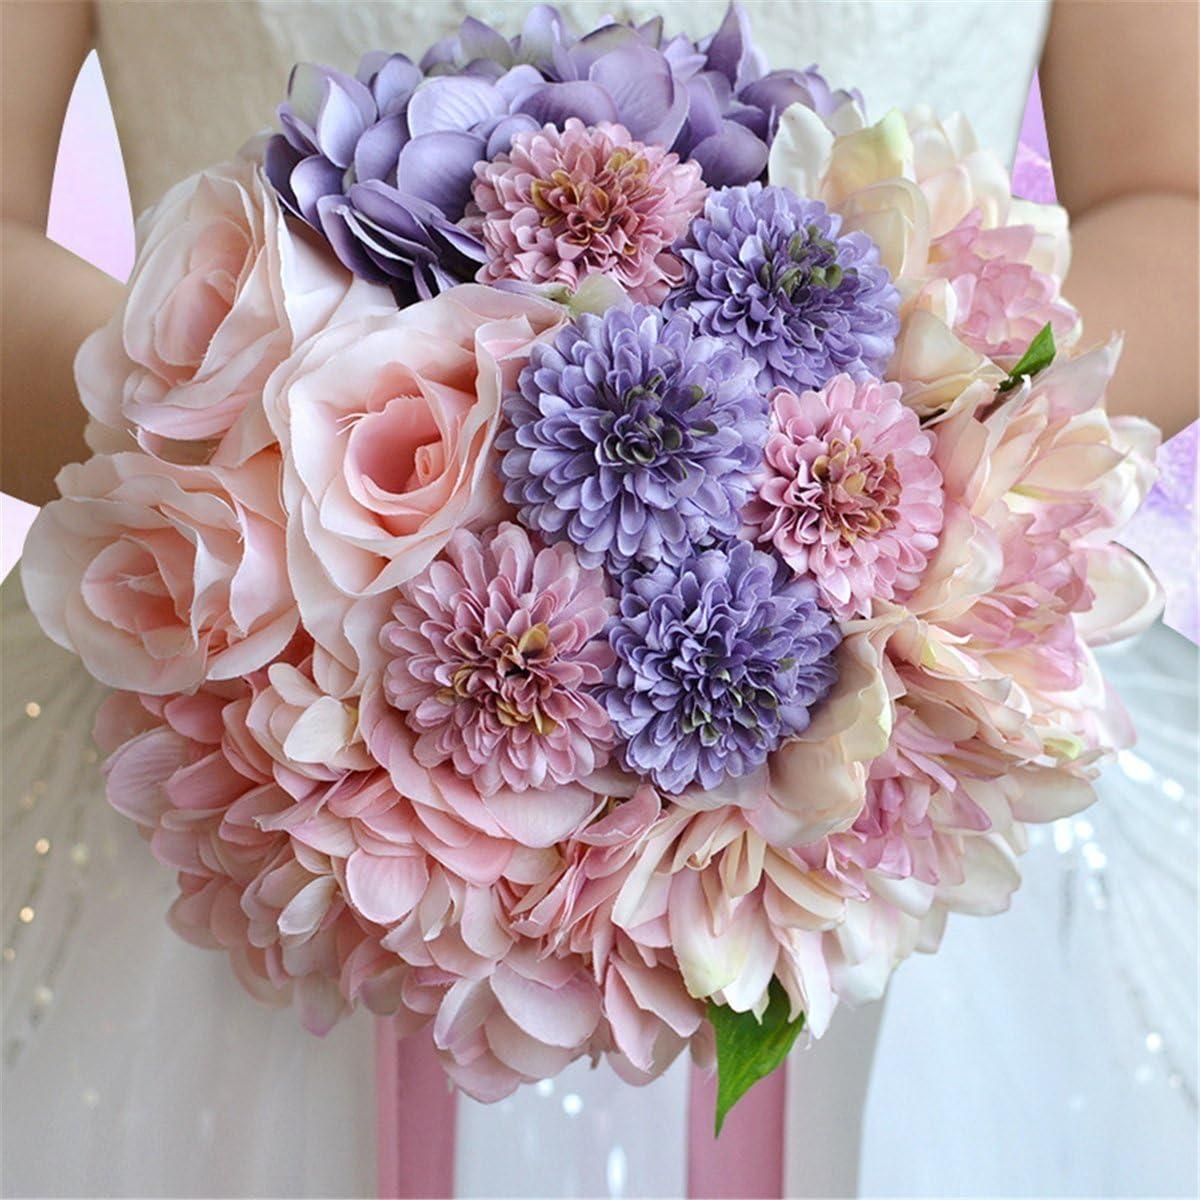 Bridesmaids Clay flowers bouquet peach green blush toss bouquet Hand bouquet Guest favor Small bridal bouquet keepsake alternative bouquet